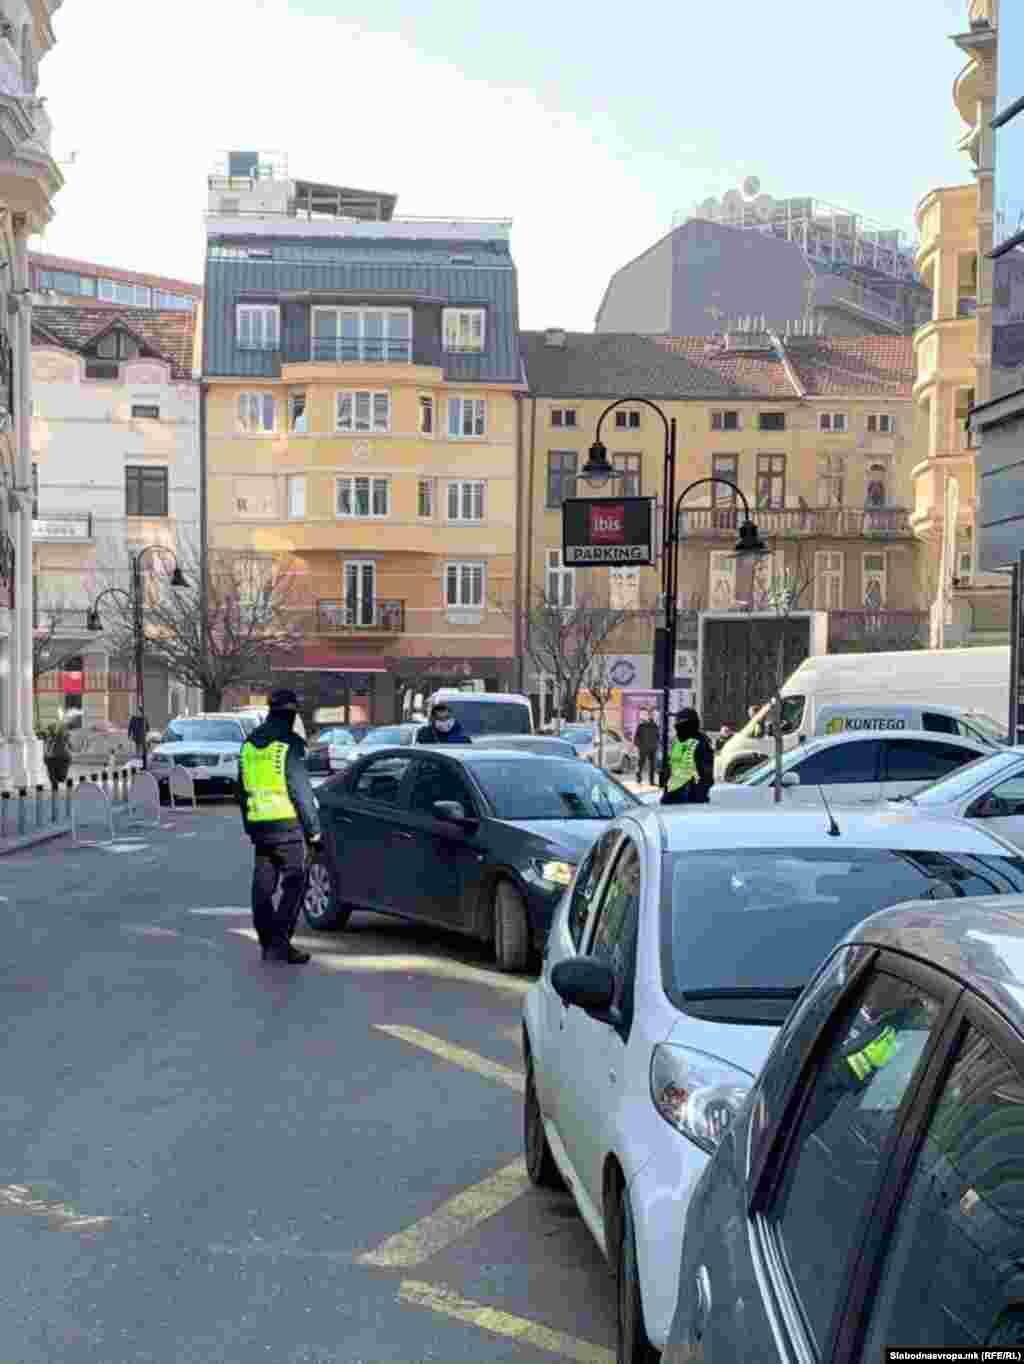 МАКЕДОНИЈА - МВР распиша потерница по поранешниот директор на УБК, Сашо Мијалков и го бараше на поголем број локации во Скопје. Обвинителството соопшти дека има сомнеж дека некој му помогнал да избега, премиерот Зоран Заев рече дека е разочаран што Мијалков избегал, опозицискиот лидер Христијан Мицкоски побара оставка од Владата, а претседателот на државата, Стево Пендаровски, изјави дека заради случувањата со Мијалков, мора да има одговорност.